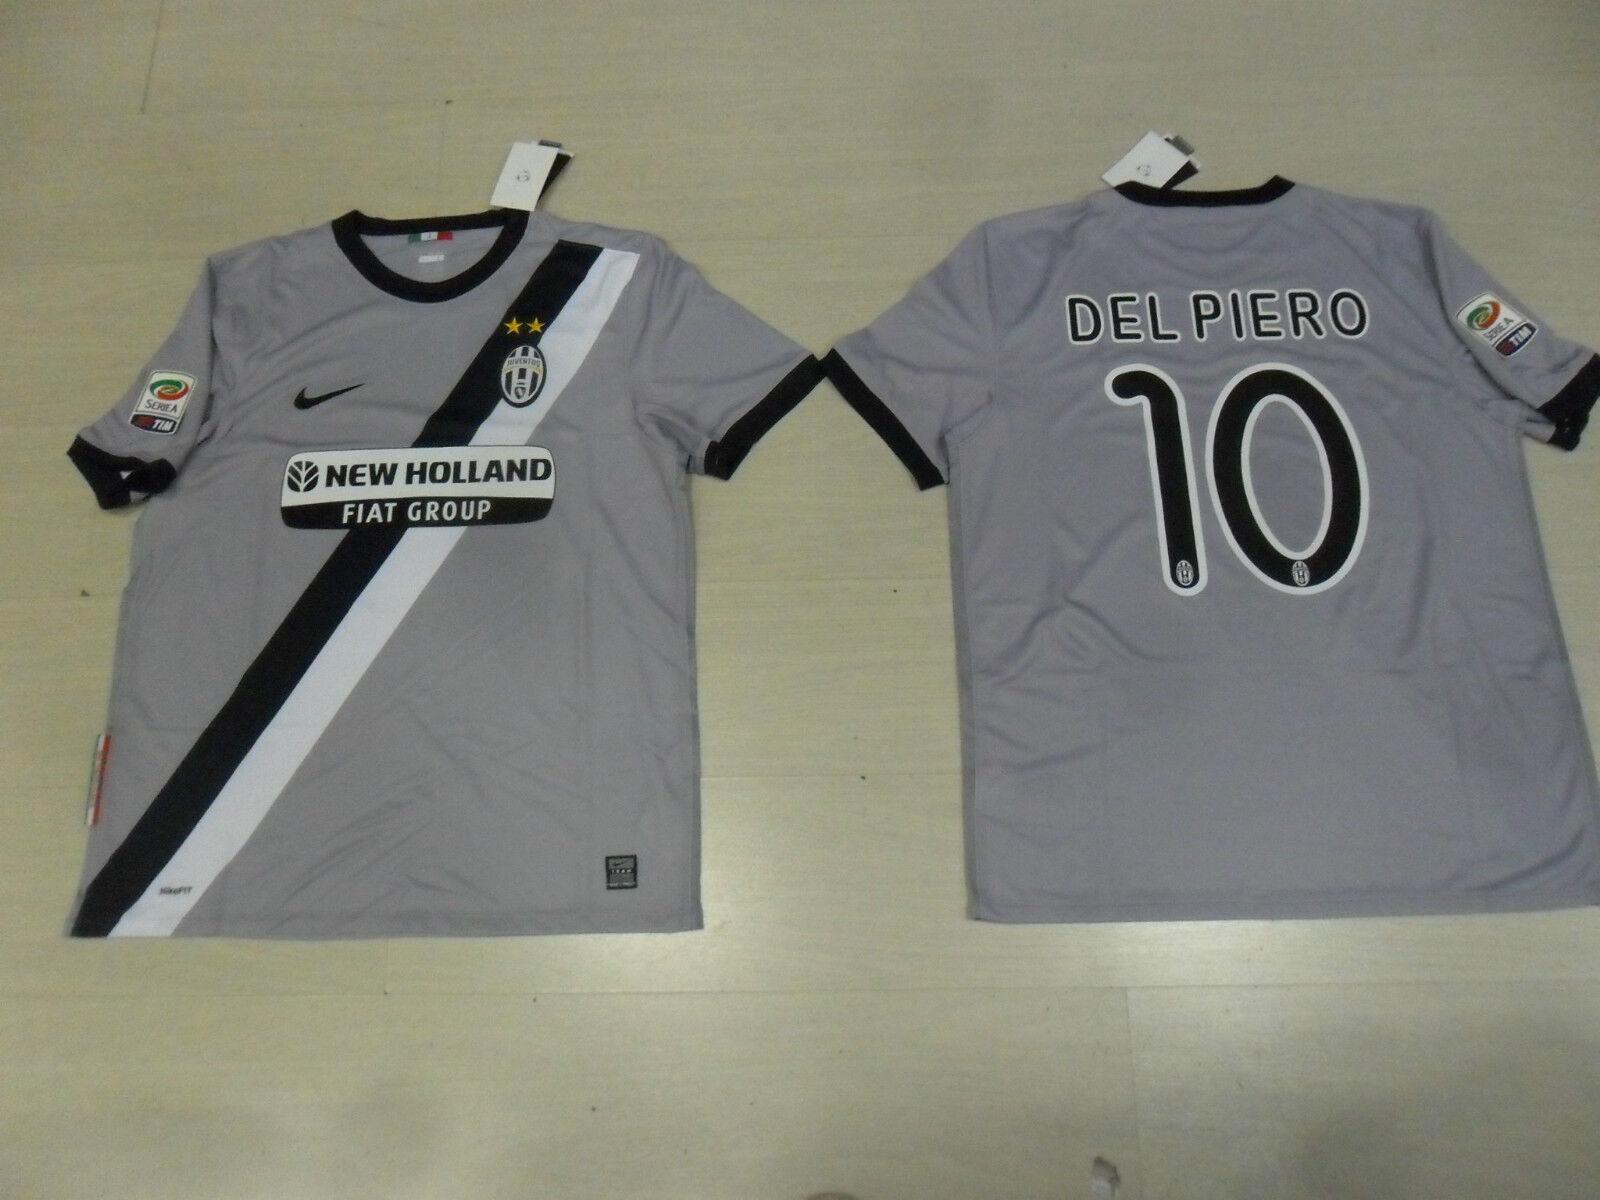 1462 Talla M 10 Del Piero Juventus Juve Camiseta Trikot Shirt Jersey